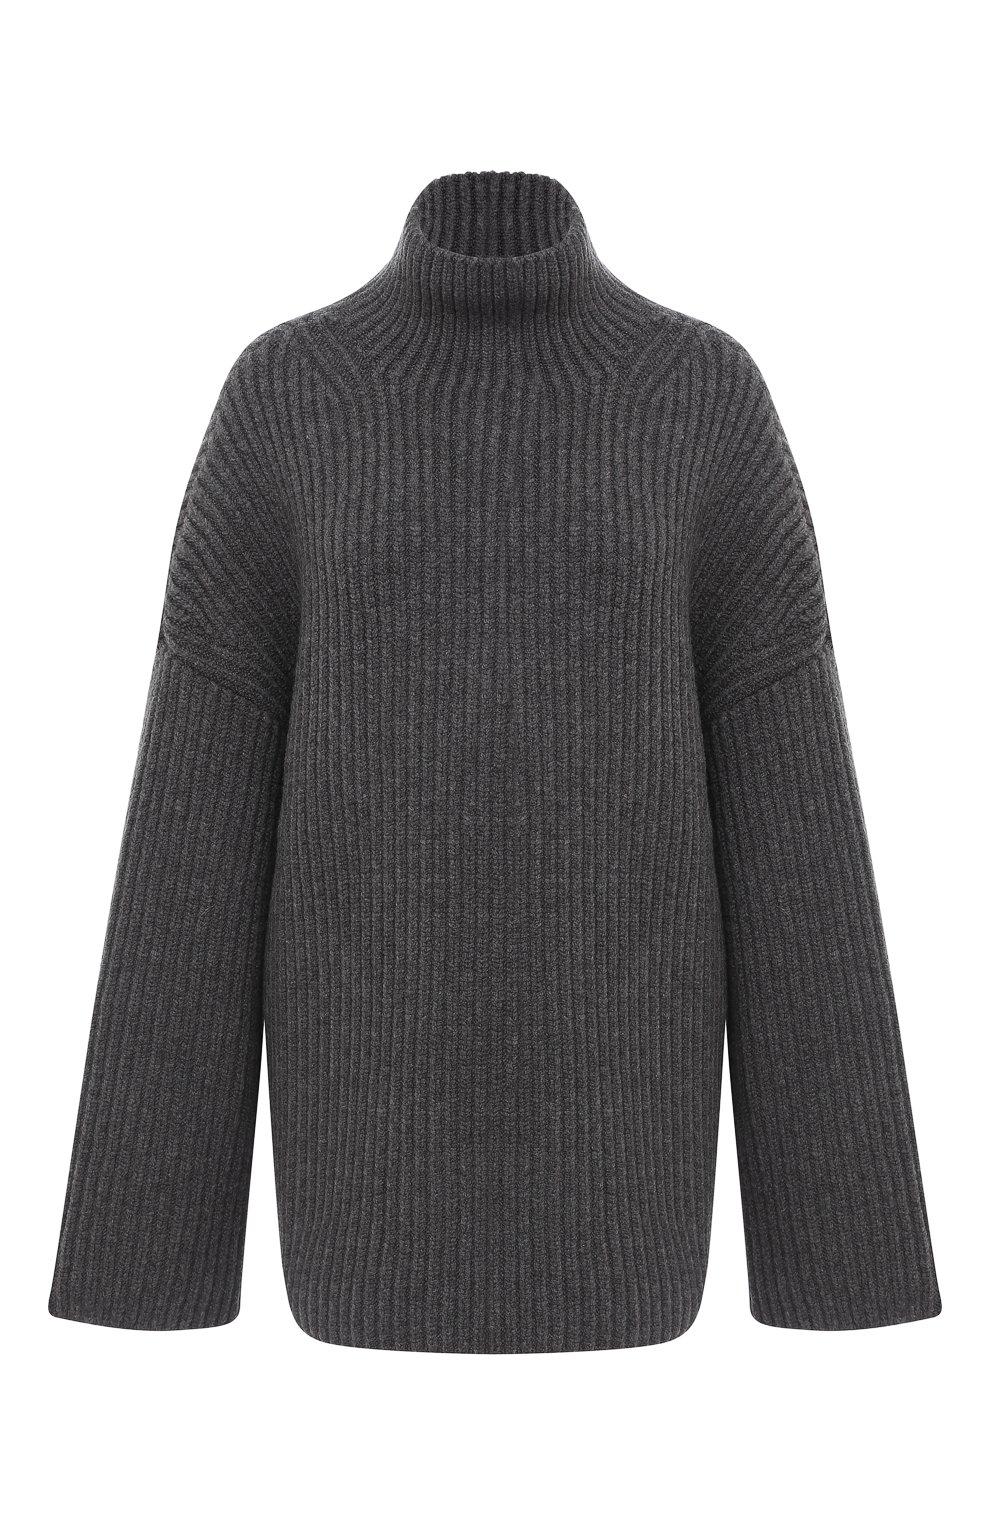 Женский шерстяной свитер NANUSHKA серого цвета, арт. RAW_CHARC0AL_S0FT W00L BLEND KNIT   Фото 1